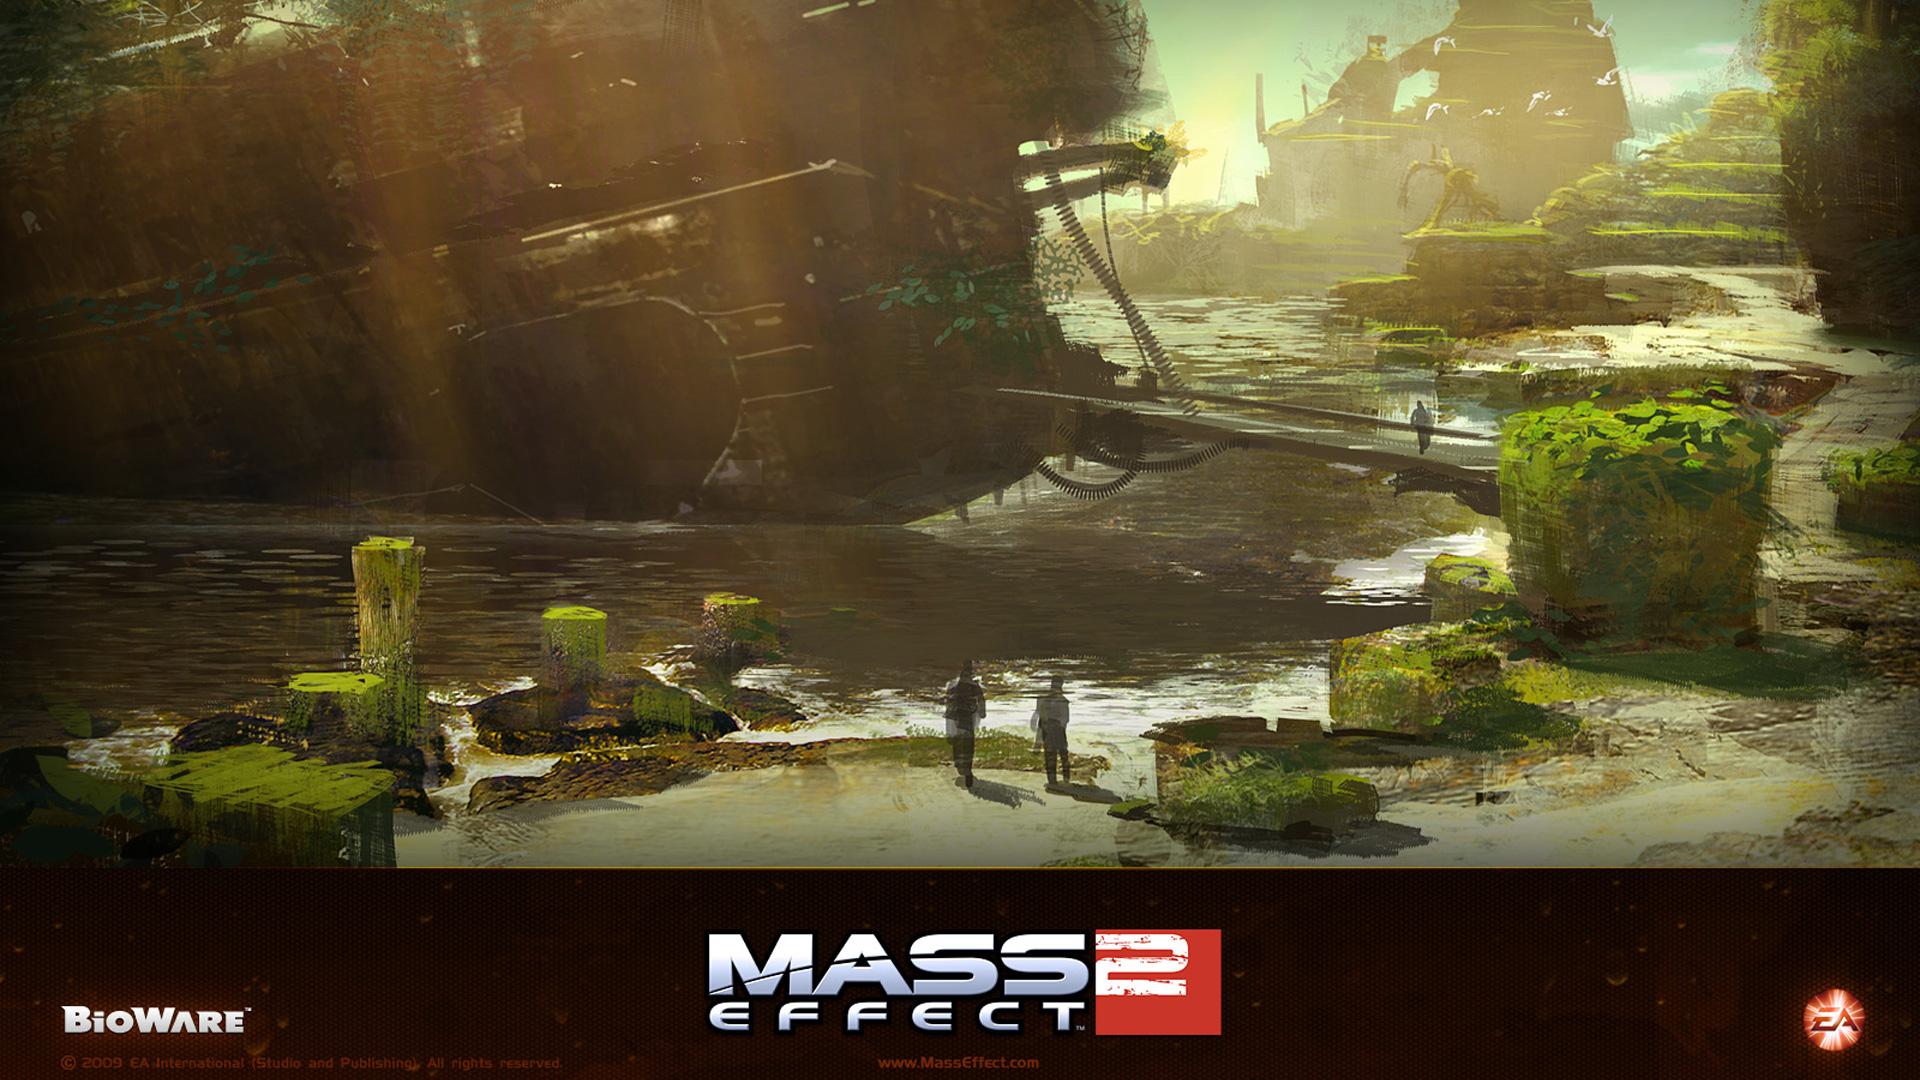 Mass Effect 2 Wallpaper in 1920x1080